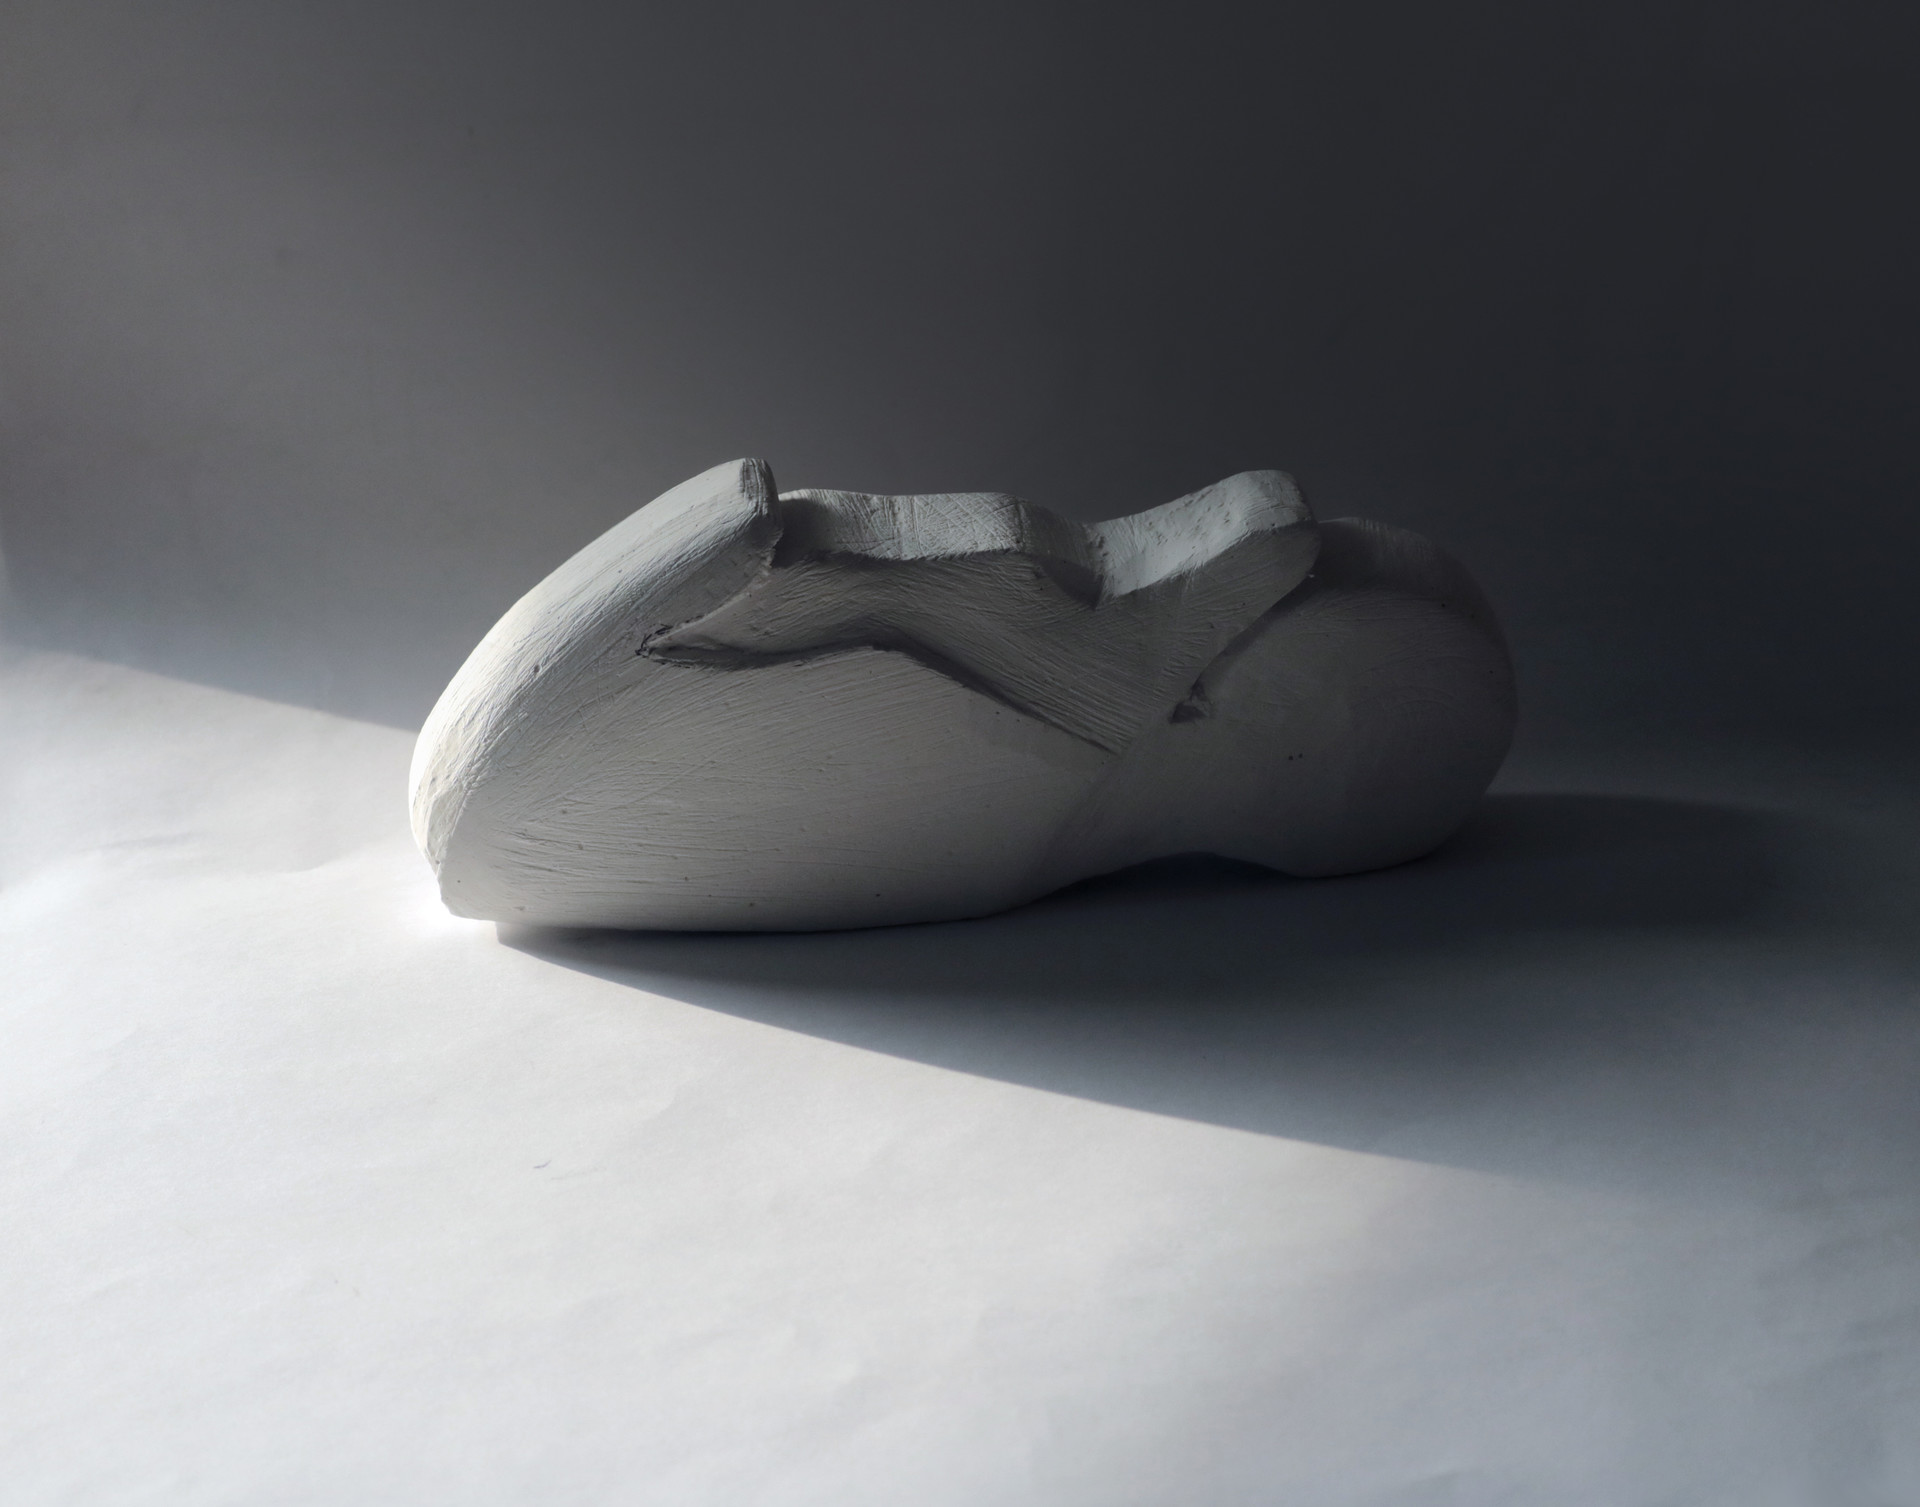 Jakusa design m1